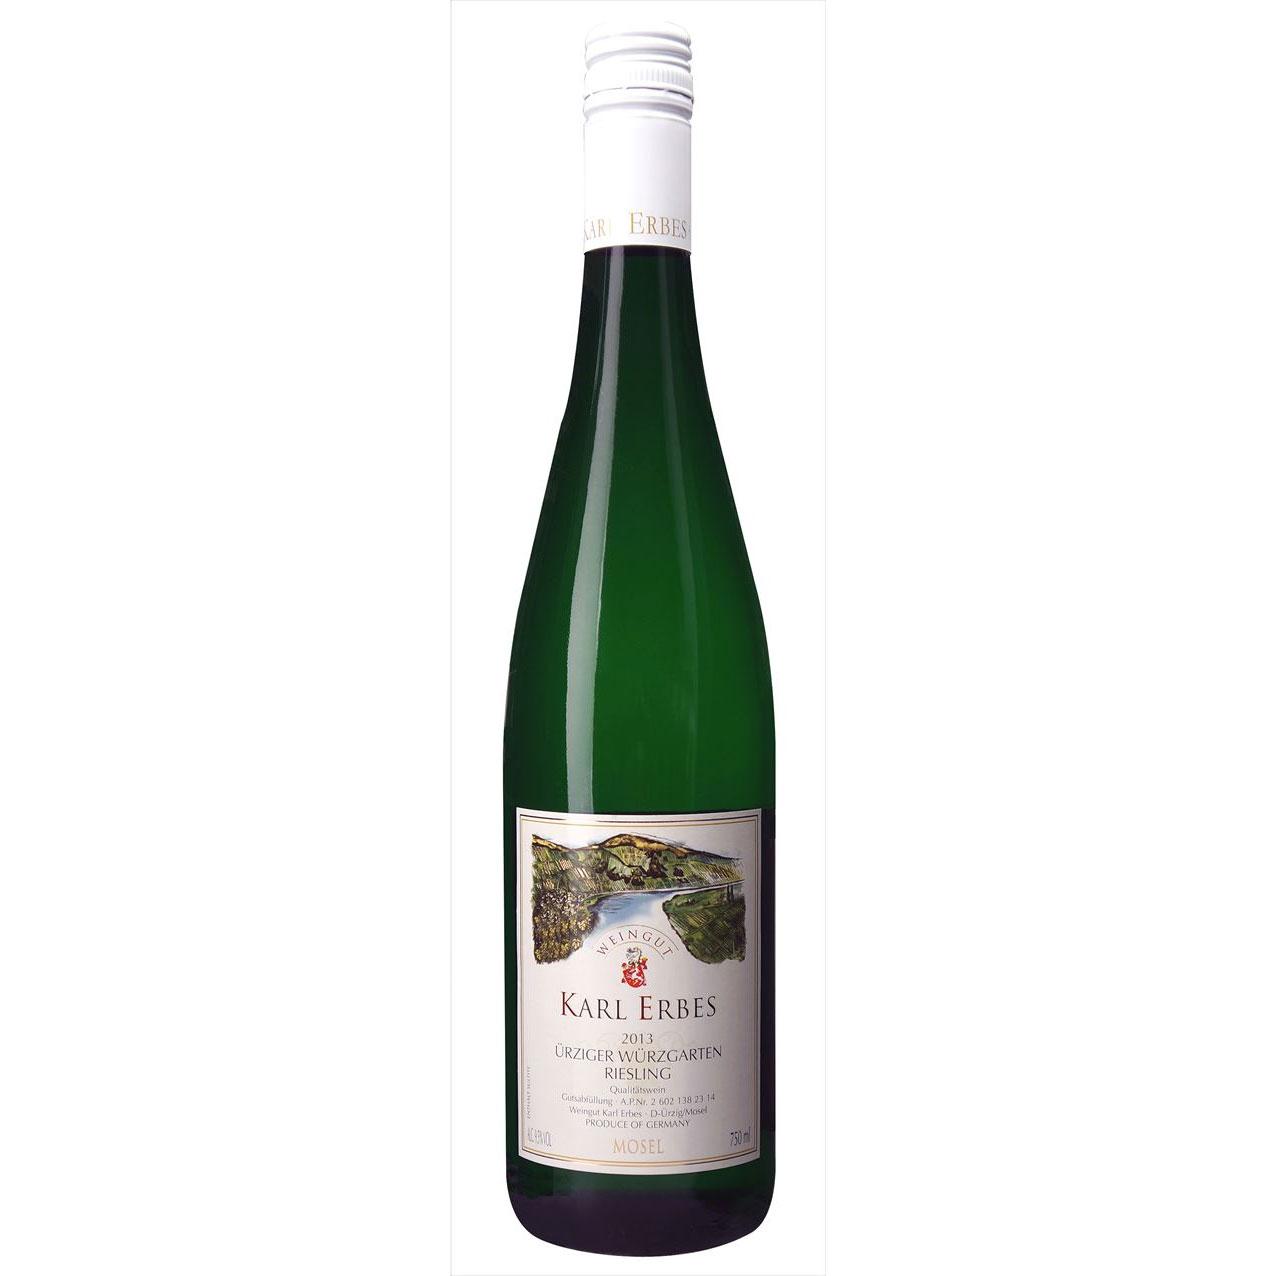 【ラッキーシール対応】母の日 ギフト ユルツィガー ヴュルツガルテン RI カール エルベス 白 750ml 12本 ドイツ モーゼル 白ワイン 送料無料 コンビニ受取対応商品 ヴィンテージ管理しておりません、変わる場合があります